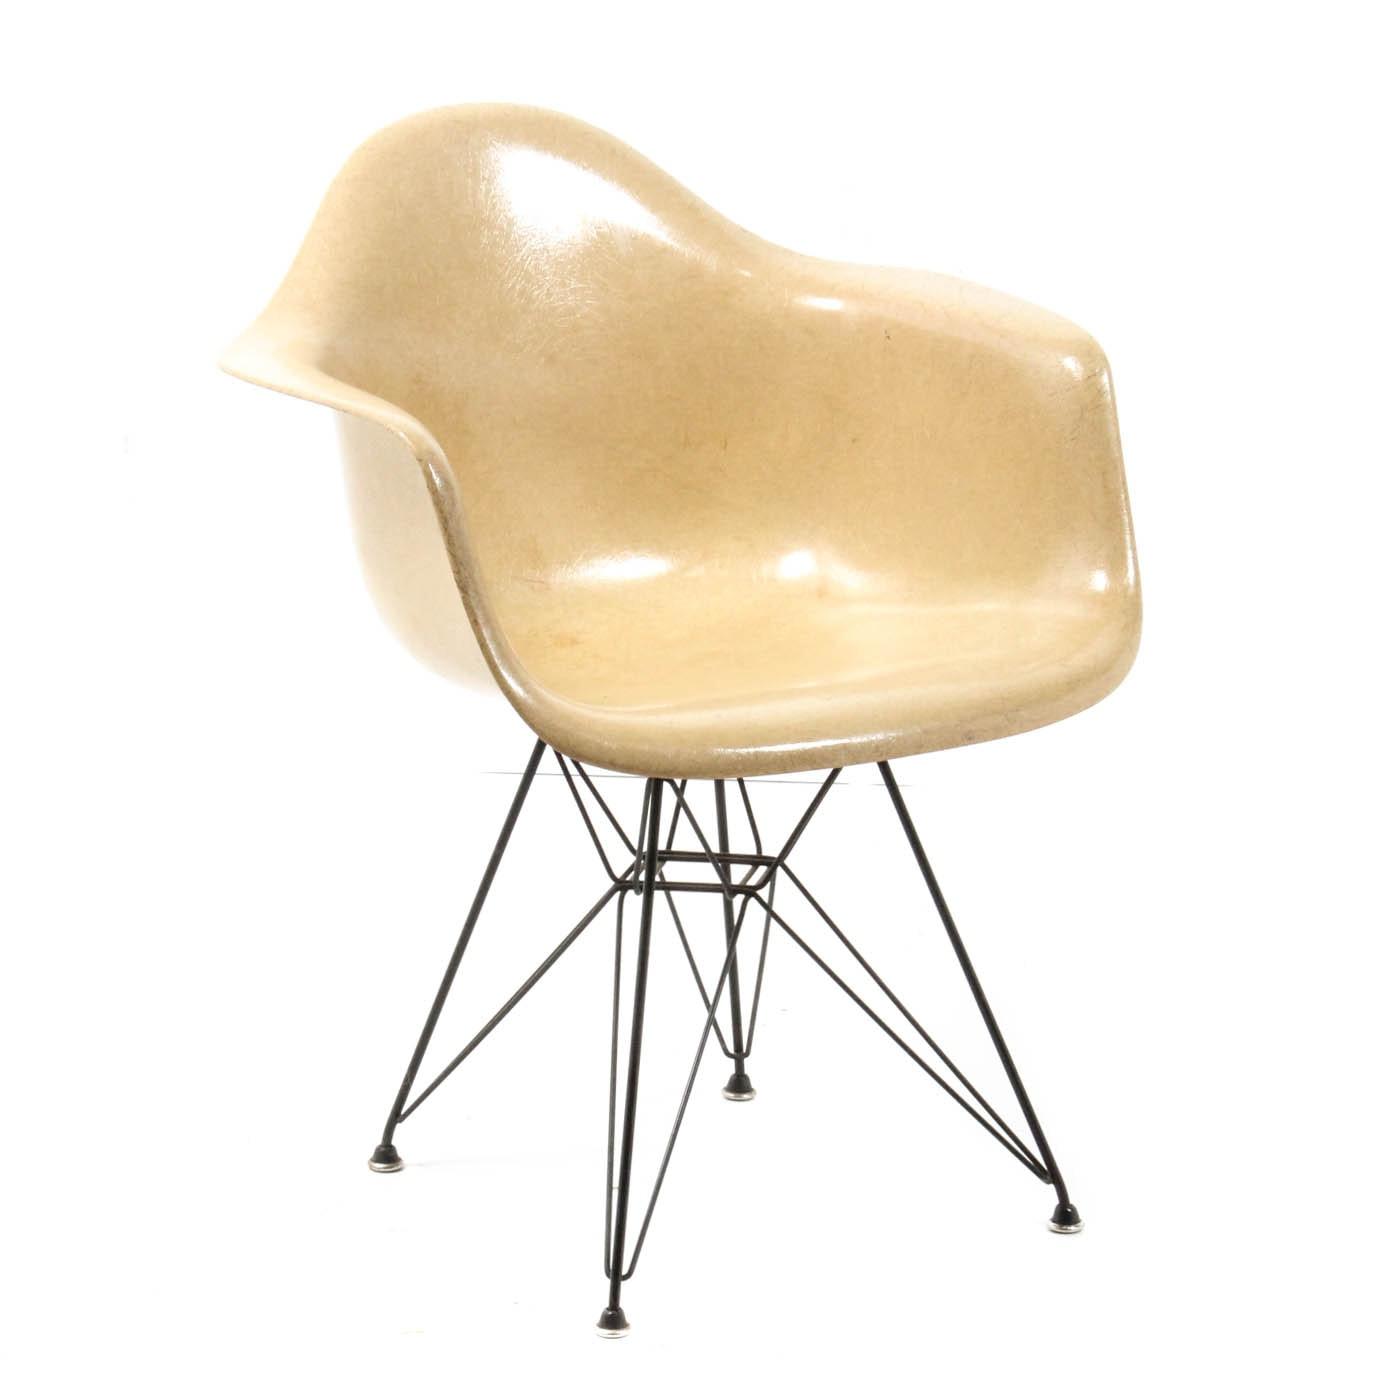 Vintage Eames for Herman Miller Fiberglass Shell Chair